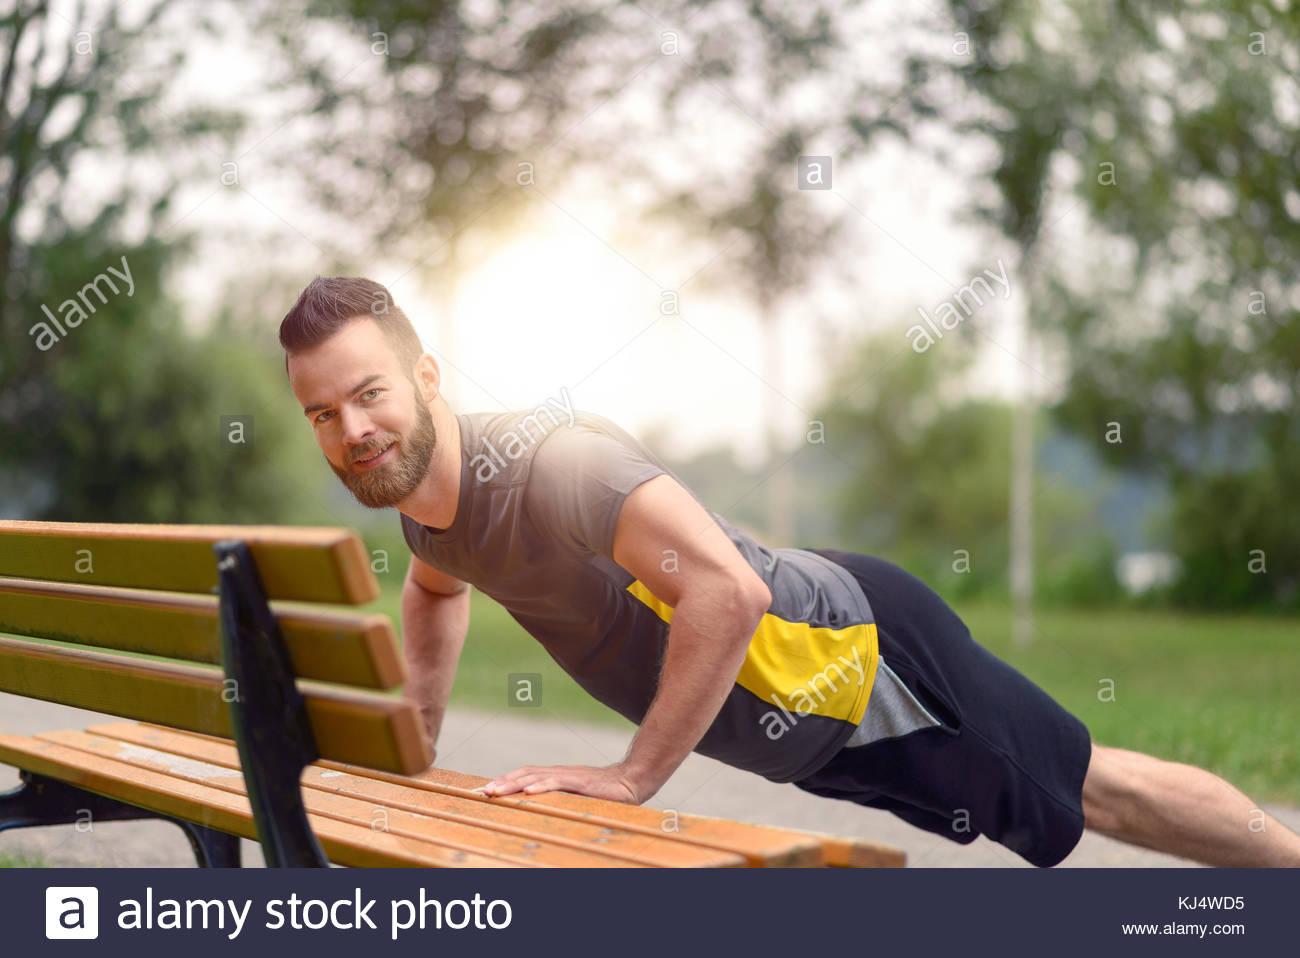 Junger Mann tun Push-ups in einem Park Stockbild